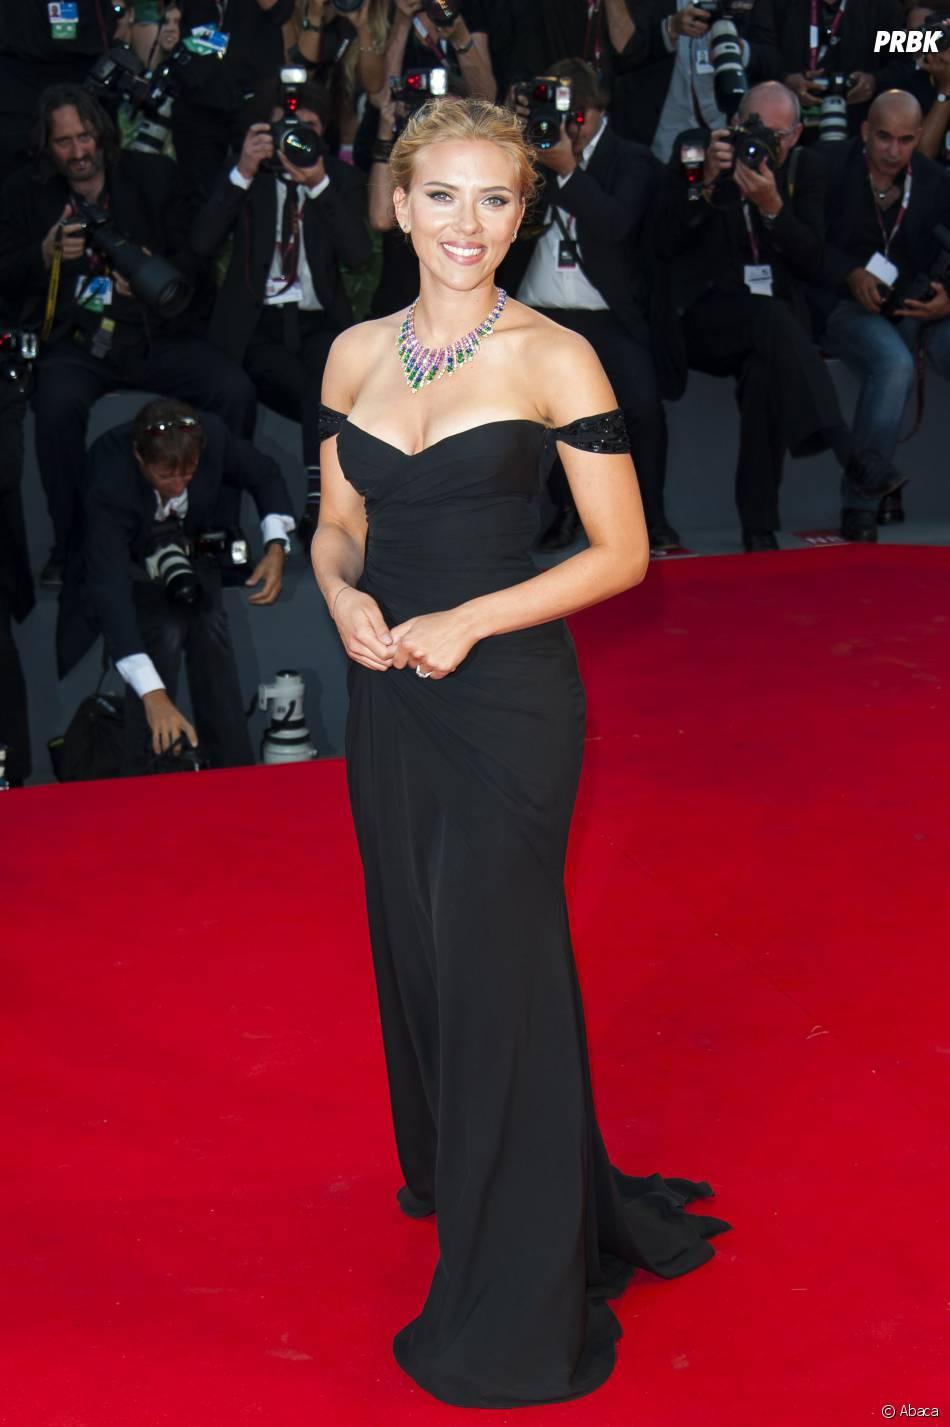 Scarlett Johansson lors de la projection de 'Under the Skin' à la Mostra de Venise, le 3 septembre 2013